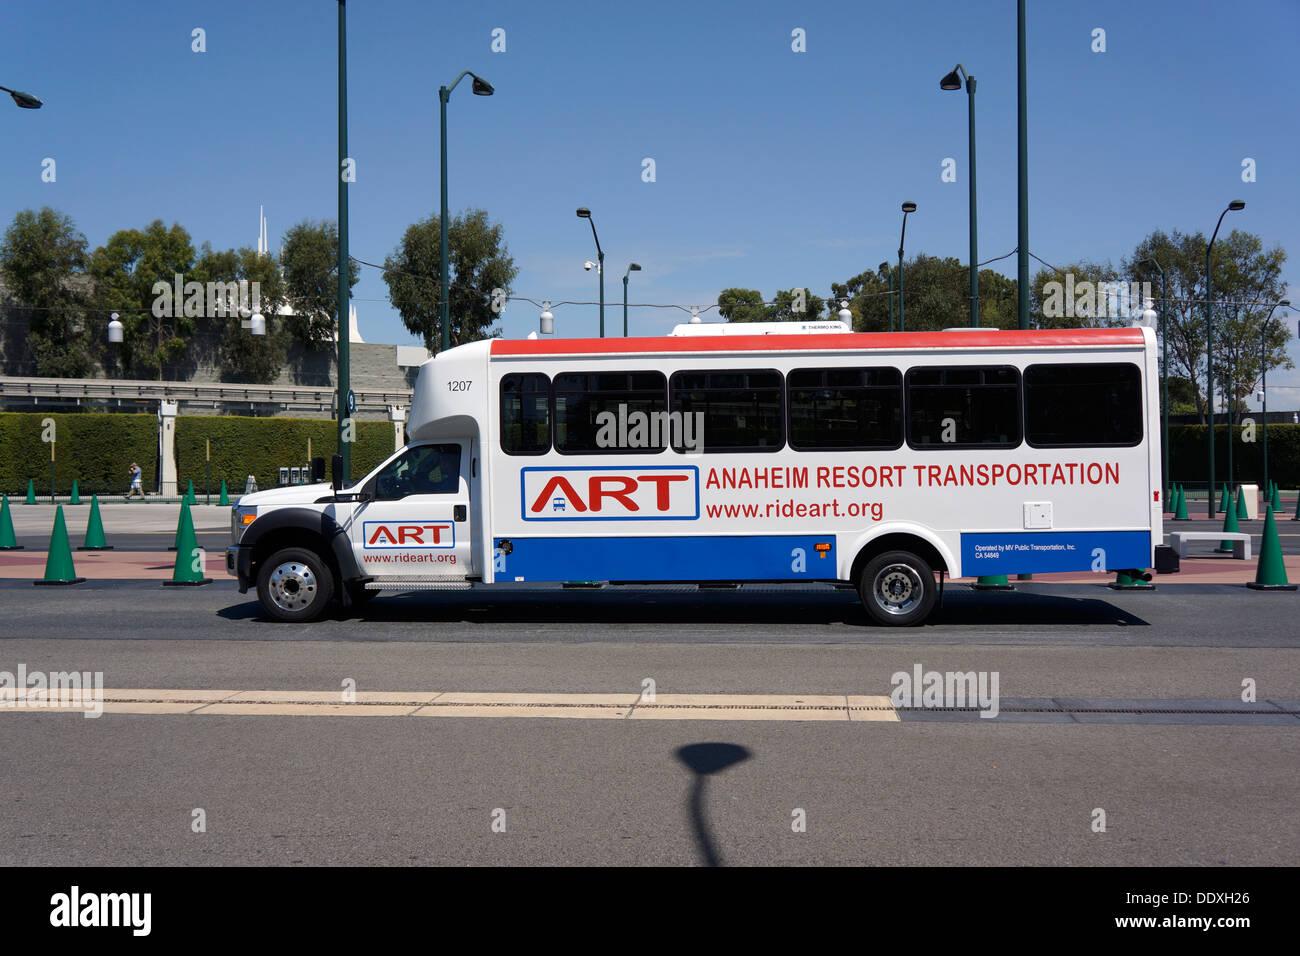 Disneyland Resort Shuttle ART, Bus, Anaheim, California - Stock Image